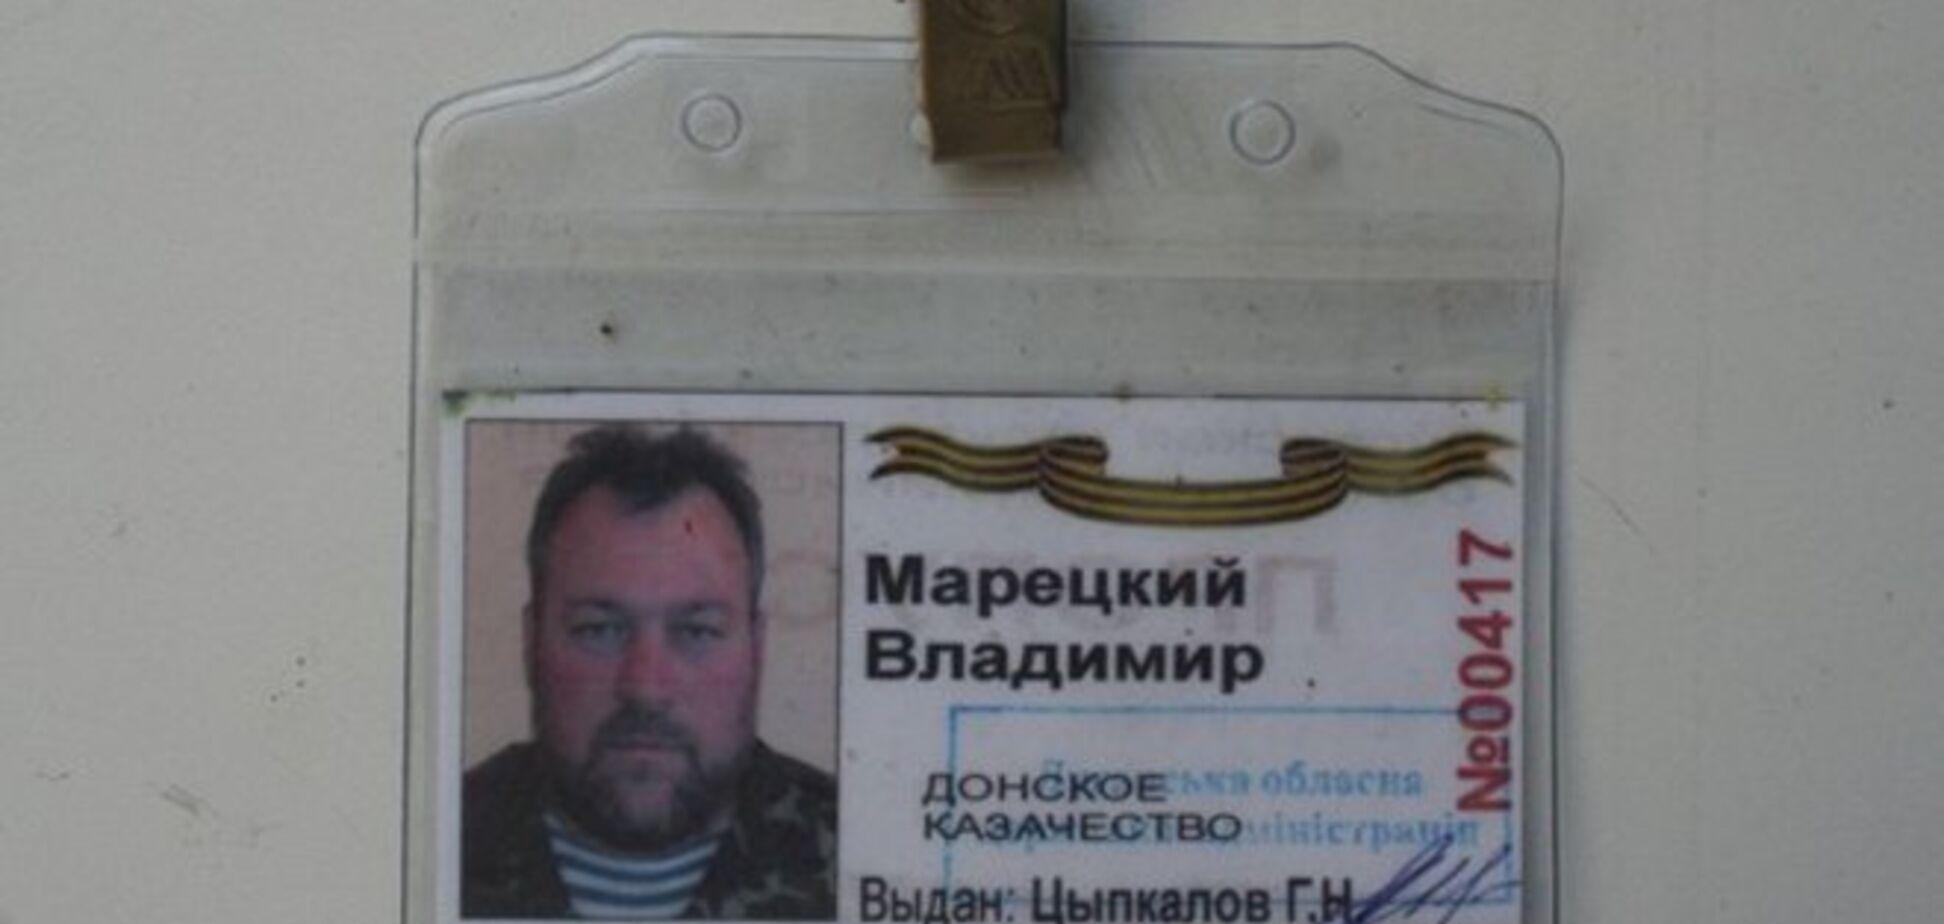 Луганская епархия УПЦ МП отстранила от службы священника-террориста